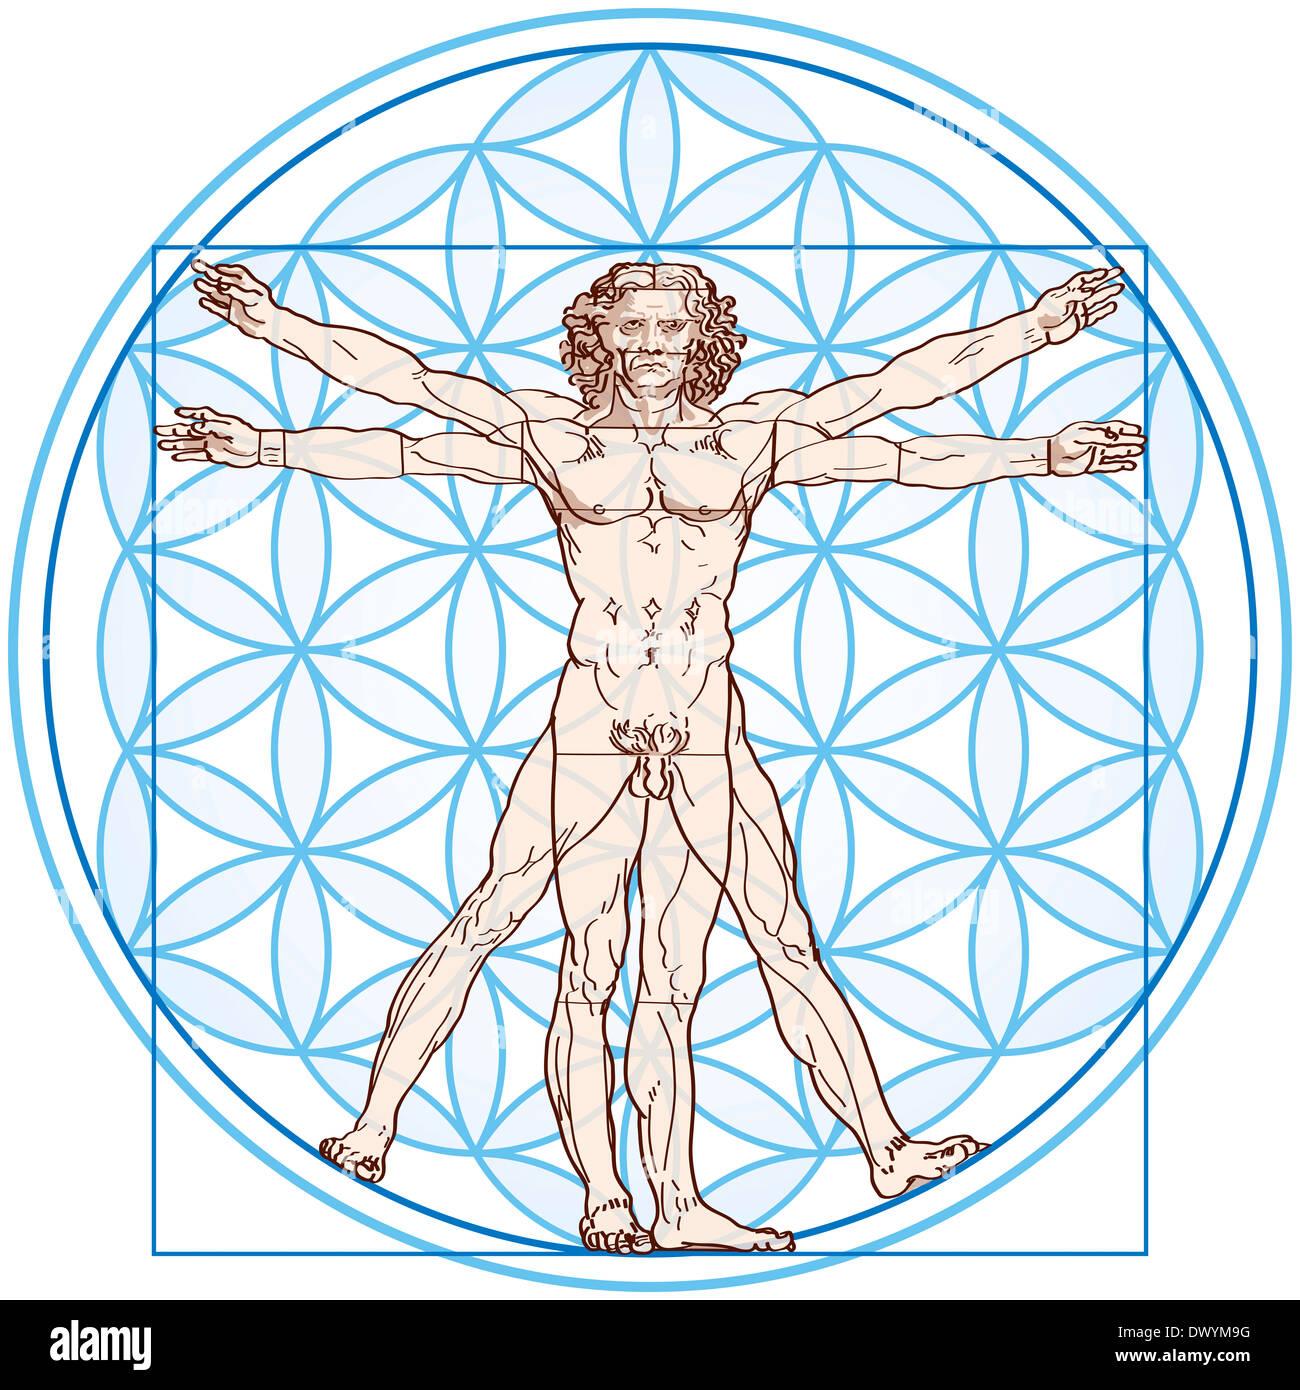 Homme de Vitruve s'inscrit dans la Fleur de vie. Banque D'Images